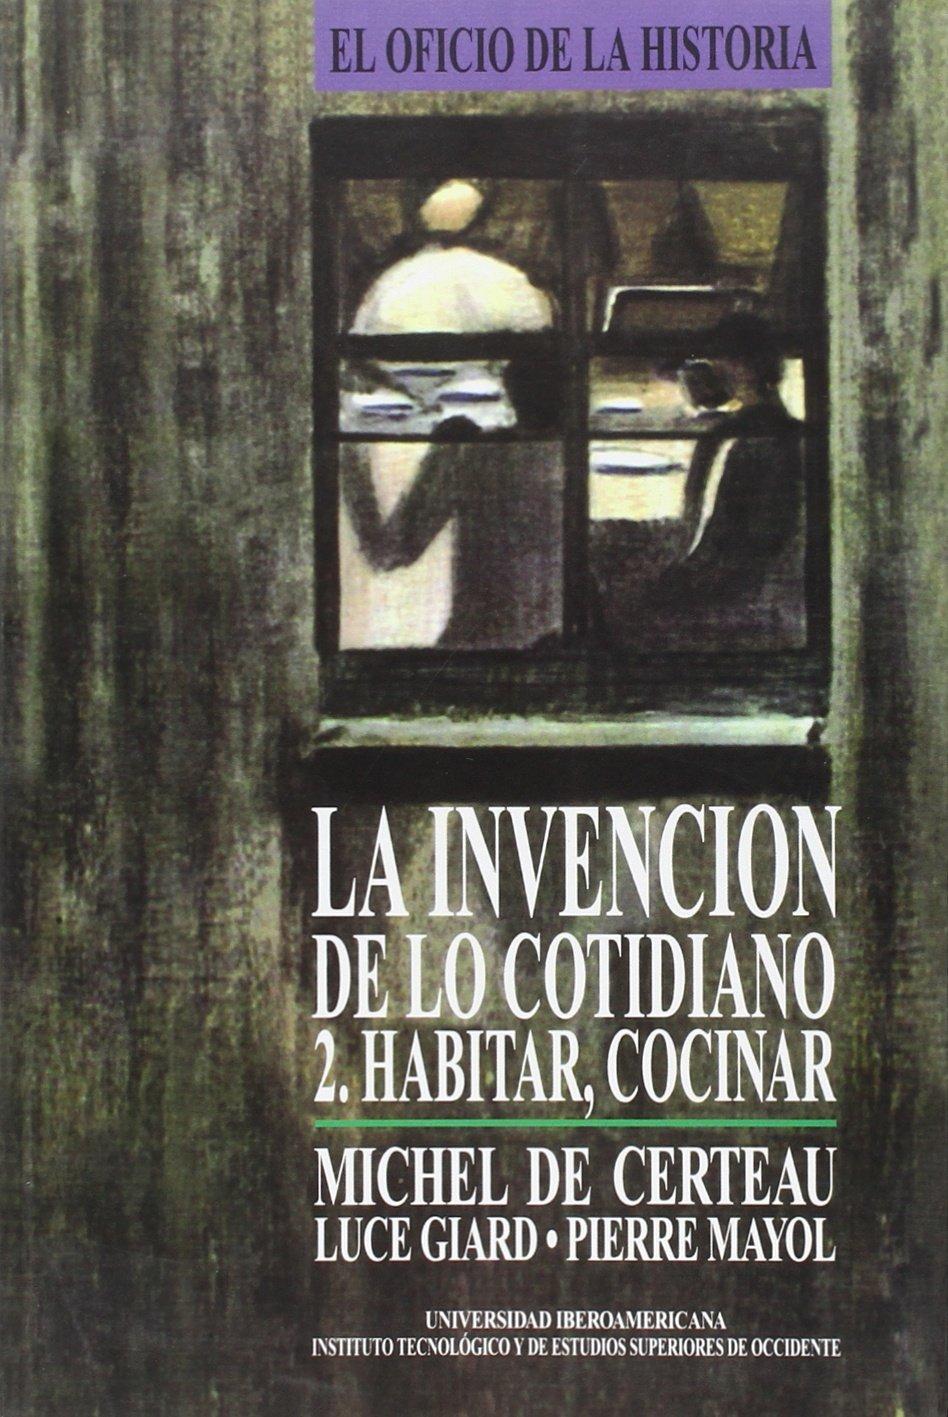 La invención de lo cotidiano 2. Habitar, cocinar: Amazon.es: Vv.Aa, Vv.Aa: Libros